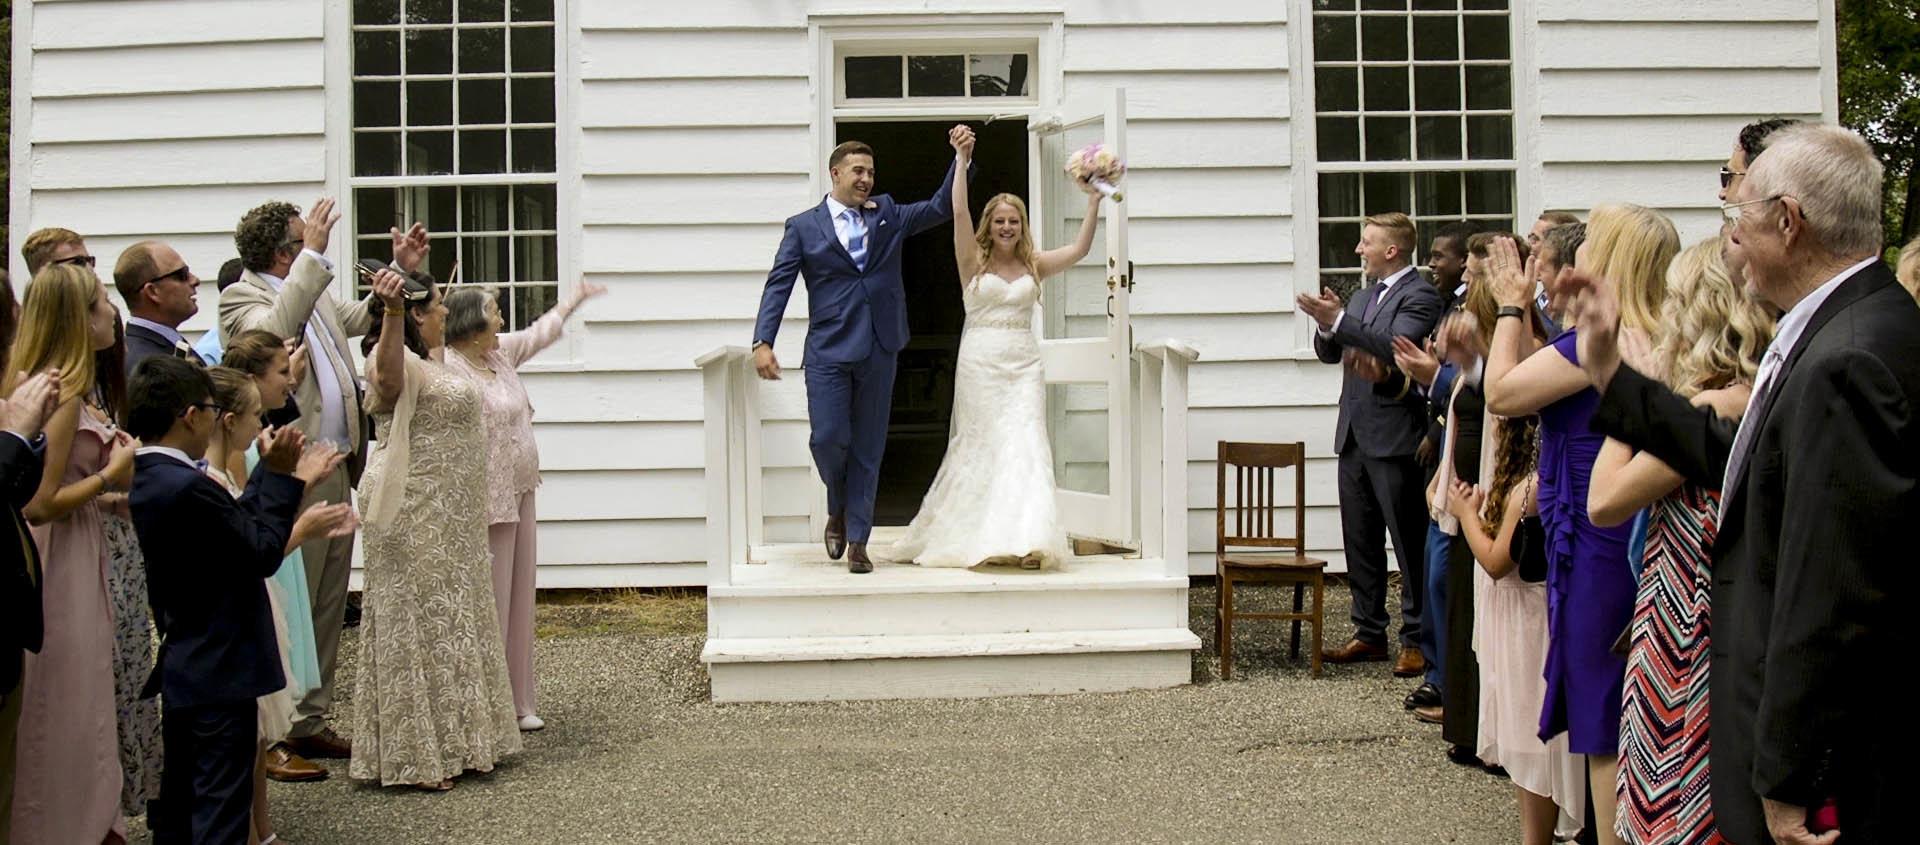 porta wedding of sydney jacob asbury park nj